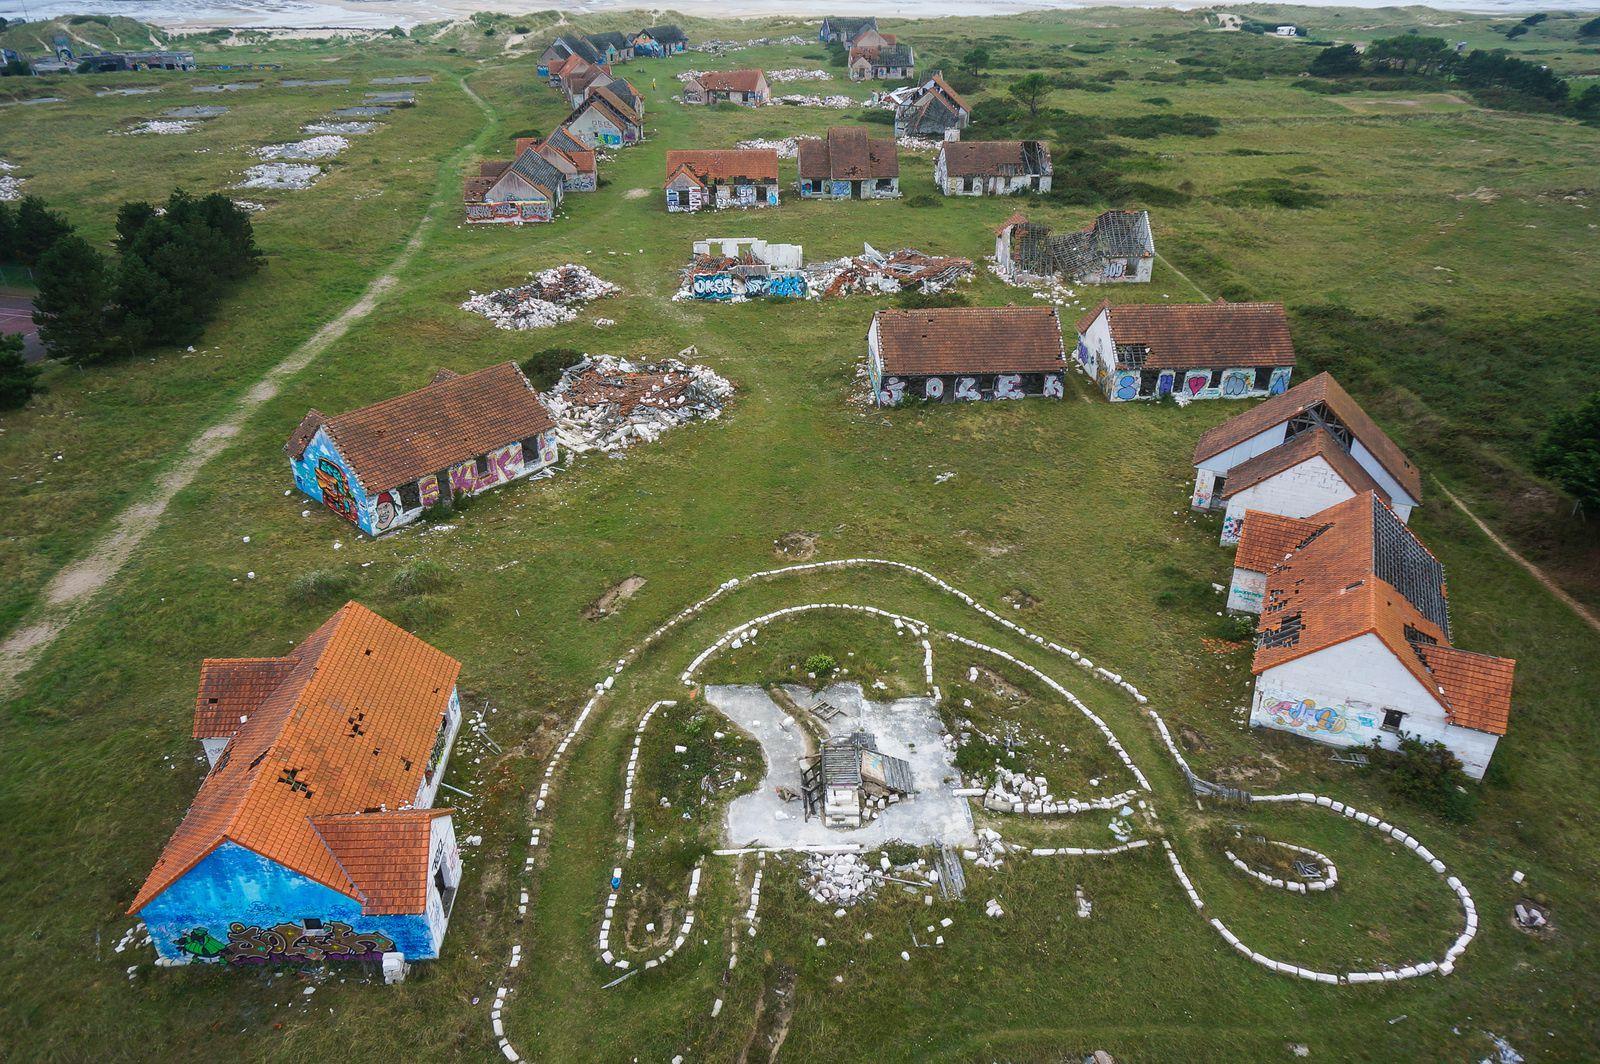 Des dizaines de maisons en ruine face à la mer, c'est tout ce qu'il reste du chantier inachevé de Pirou-plage dans les années 90. photos aériennes François Monier. Août 2015